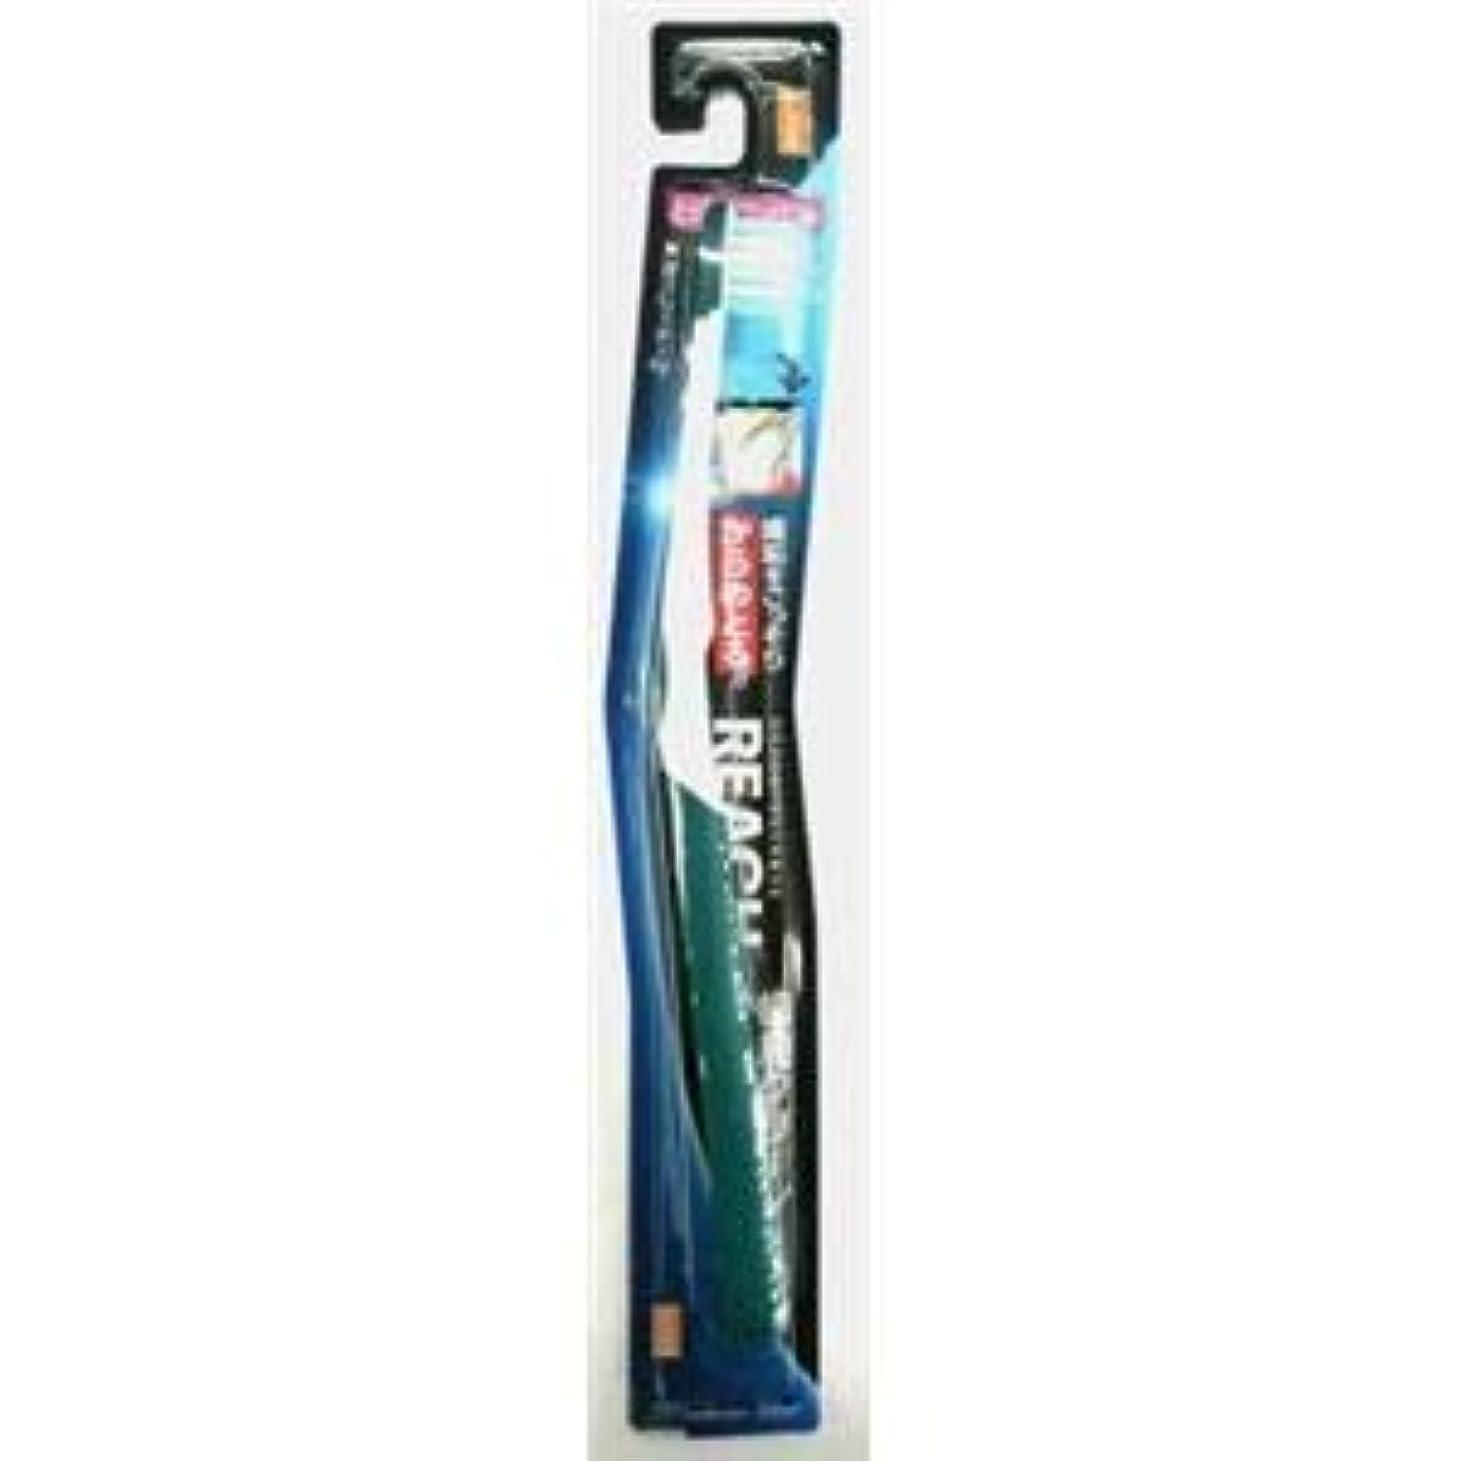 郵便子供っぽいエレベーター(まとめ)銀座ステファニー リーチ歯ブラシ リーチ 歯周クリーン とってもコンパクト やわらかめ 【×12点セット】